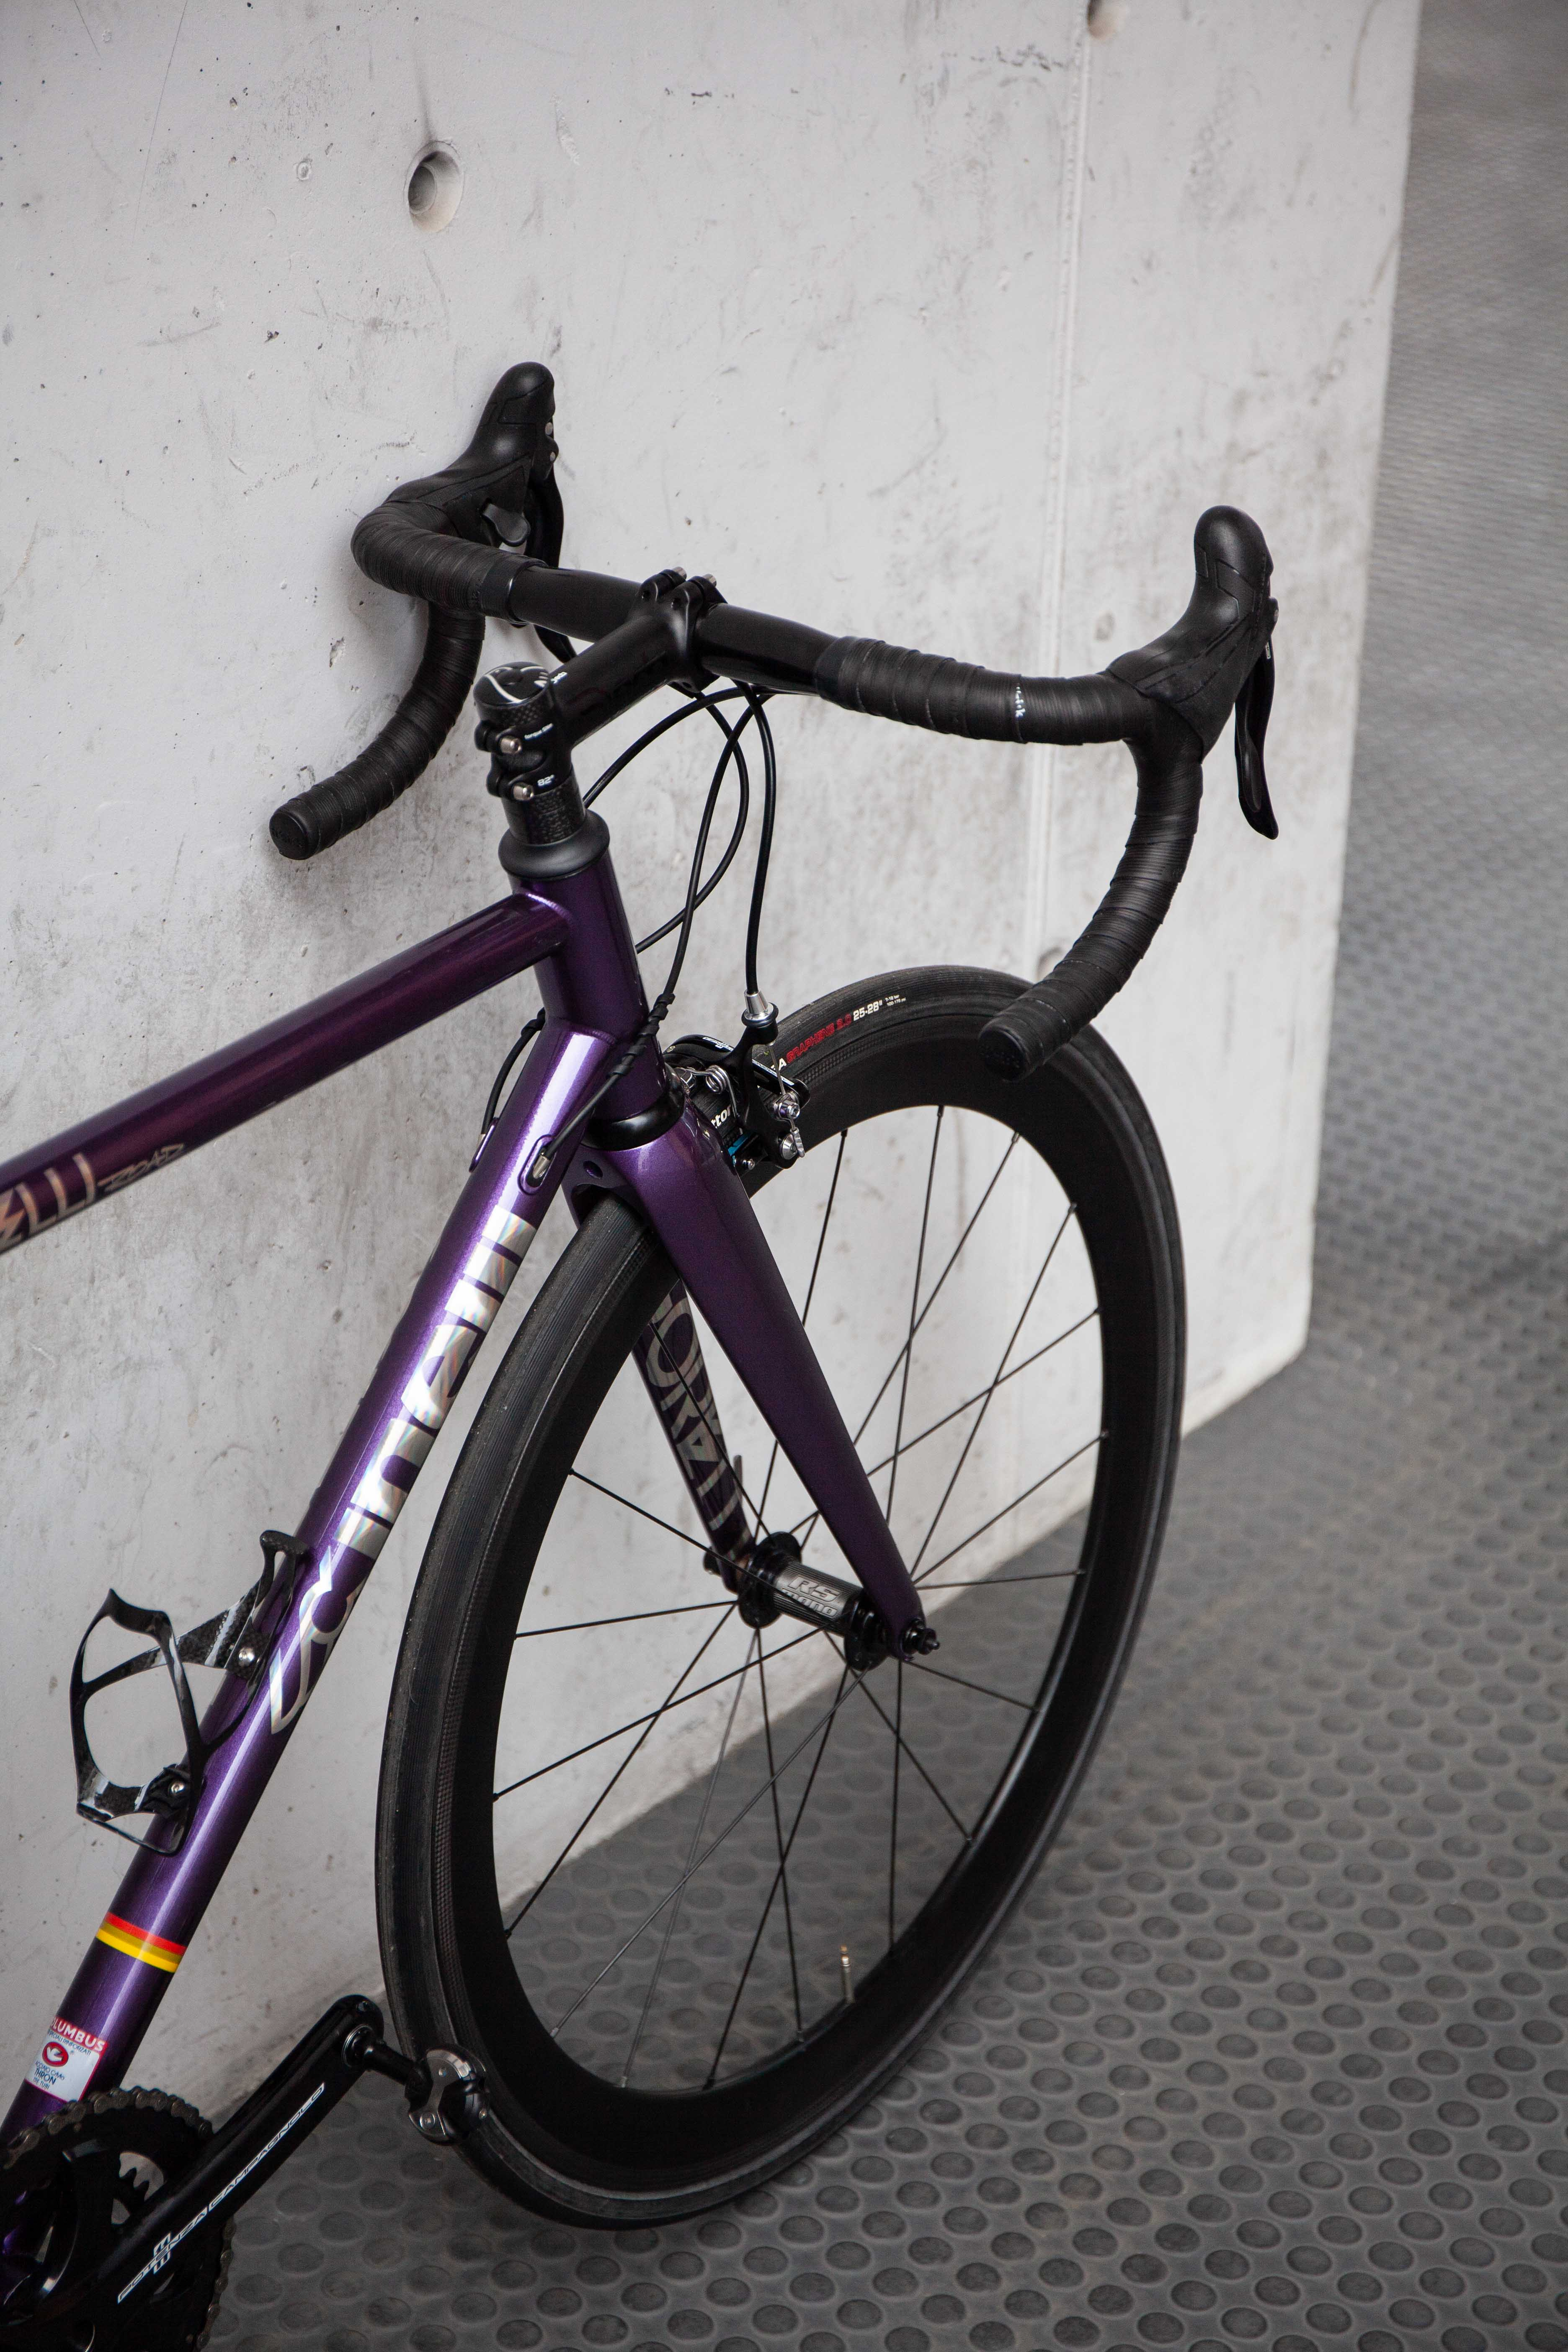 Cicli Corsa Cinelli Vigorelli Road Potenza carbon tub -7